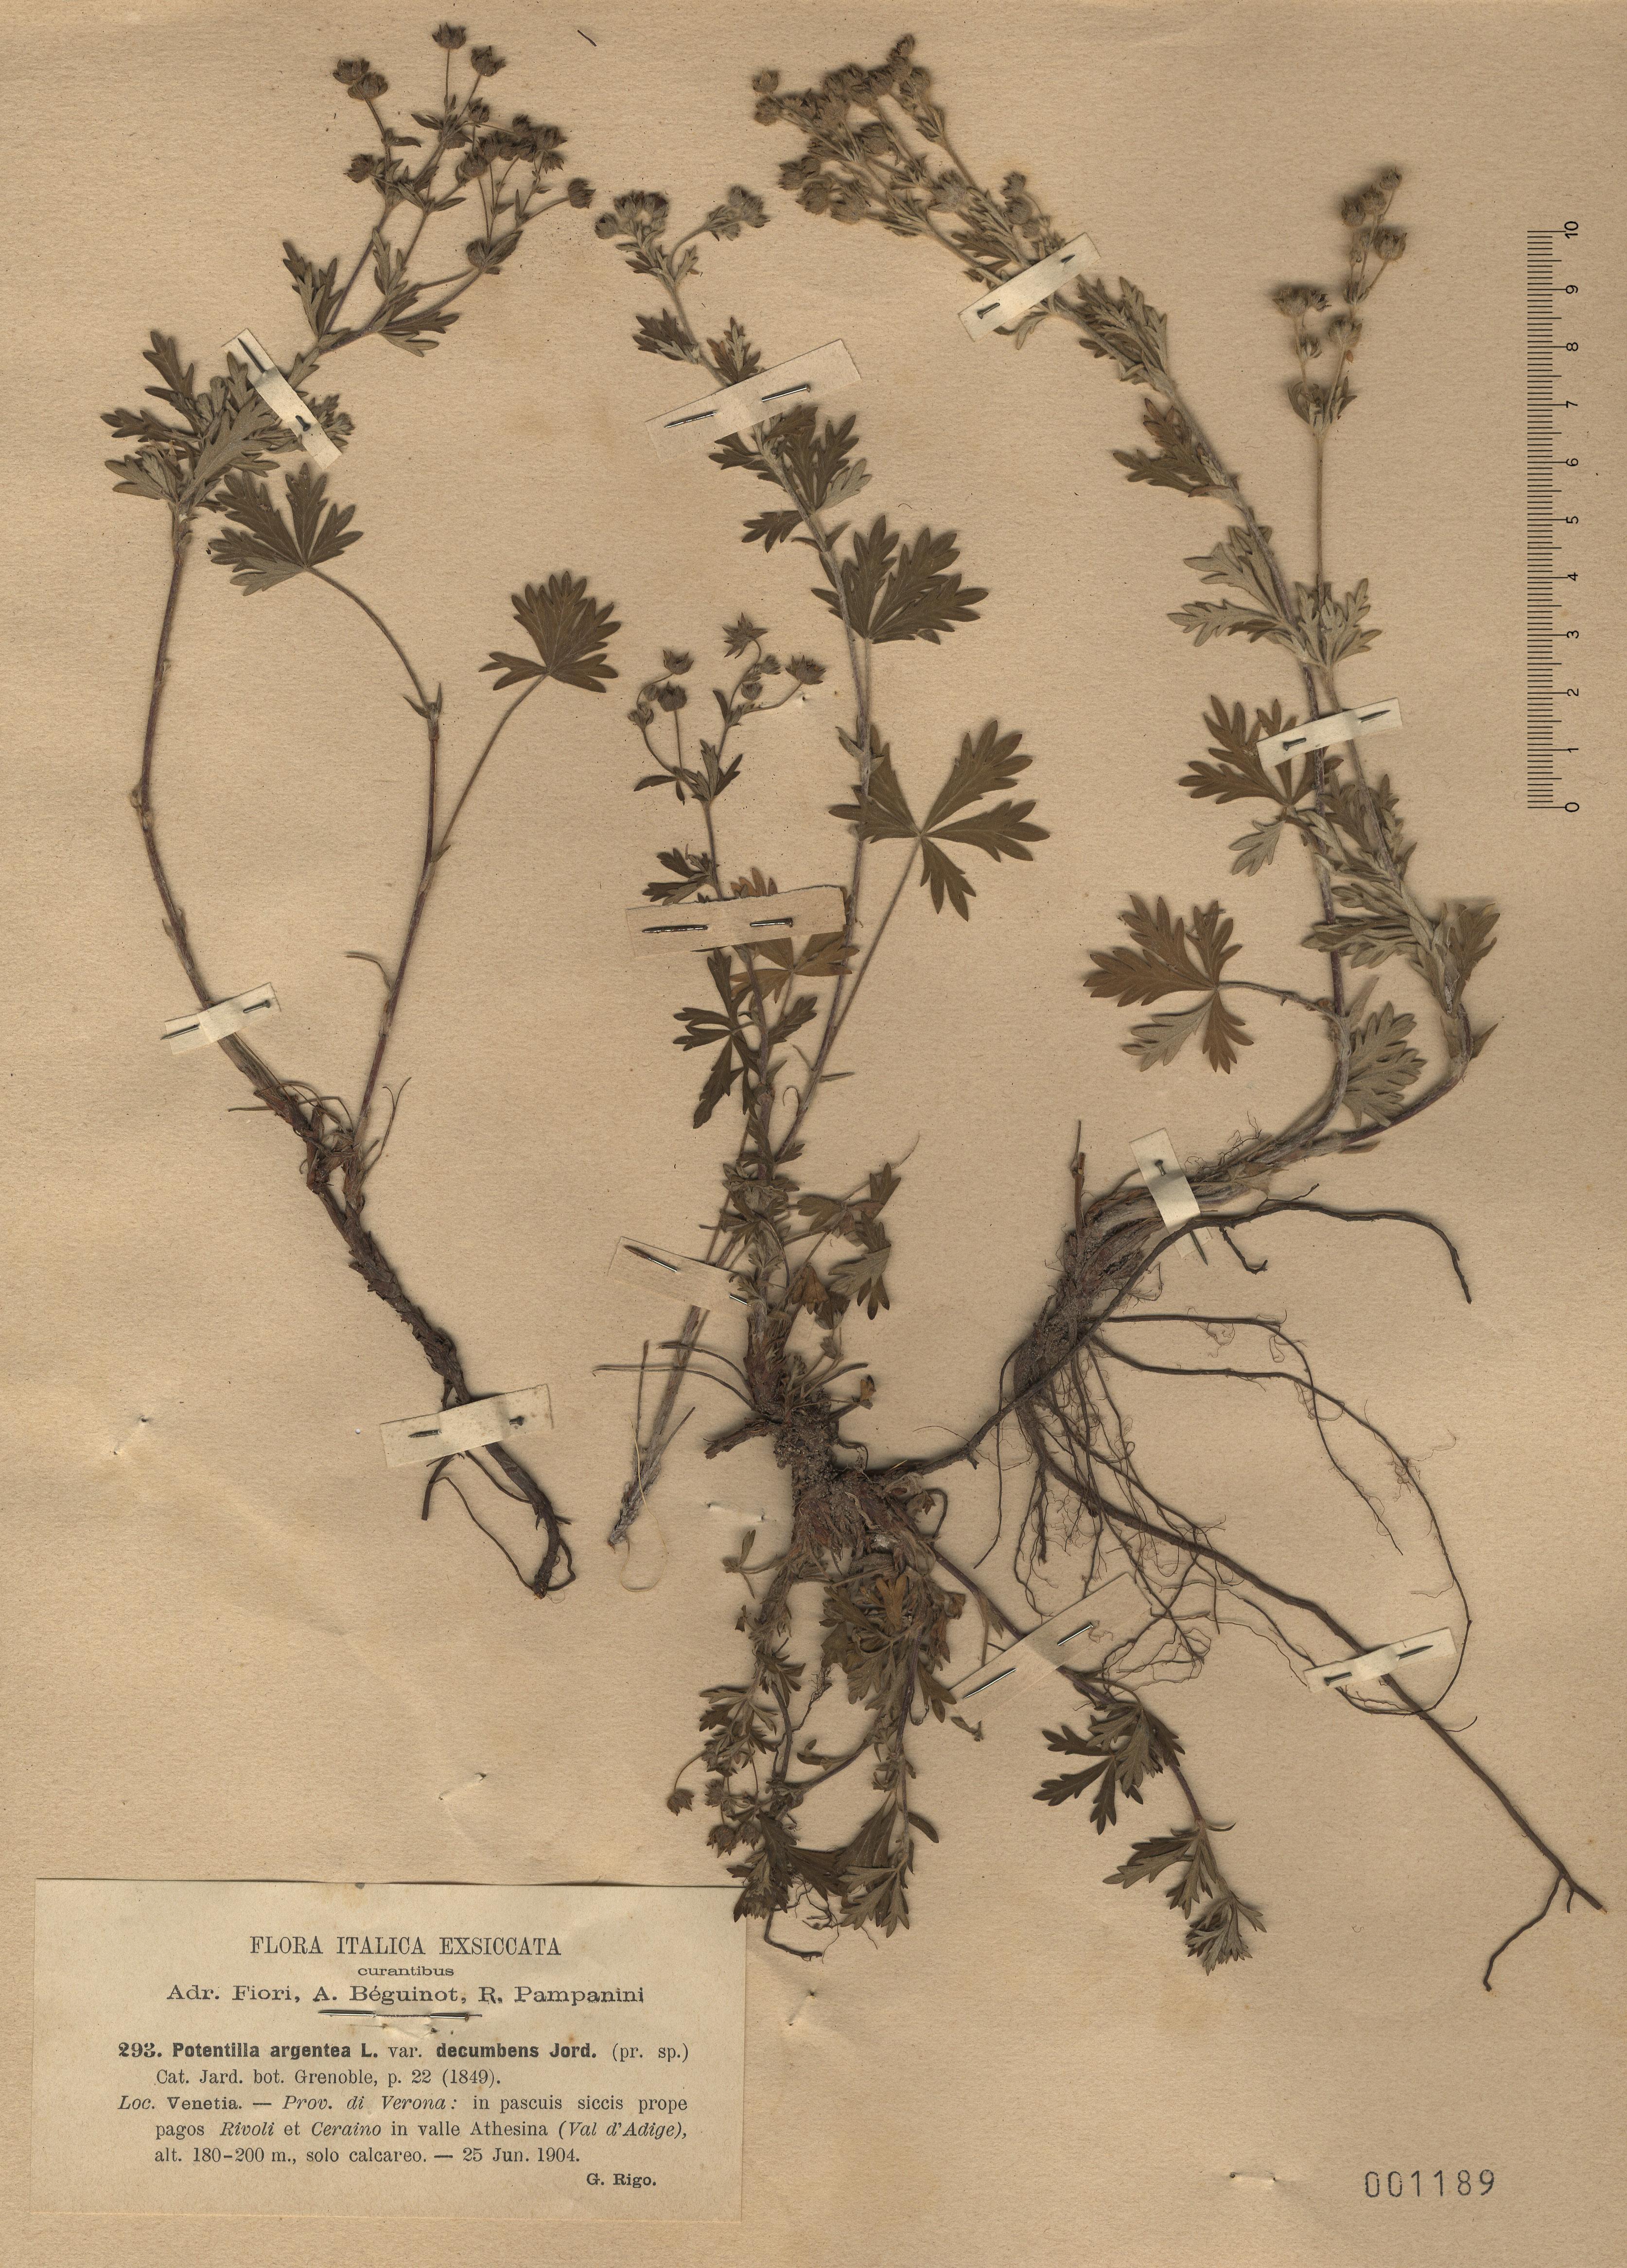 © Hortus Botanicus Catinensis - Herb. sheet 001189<br>